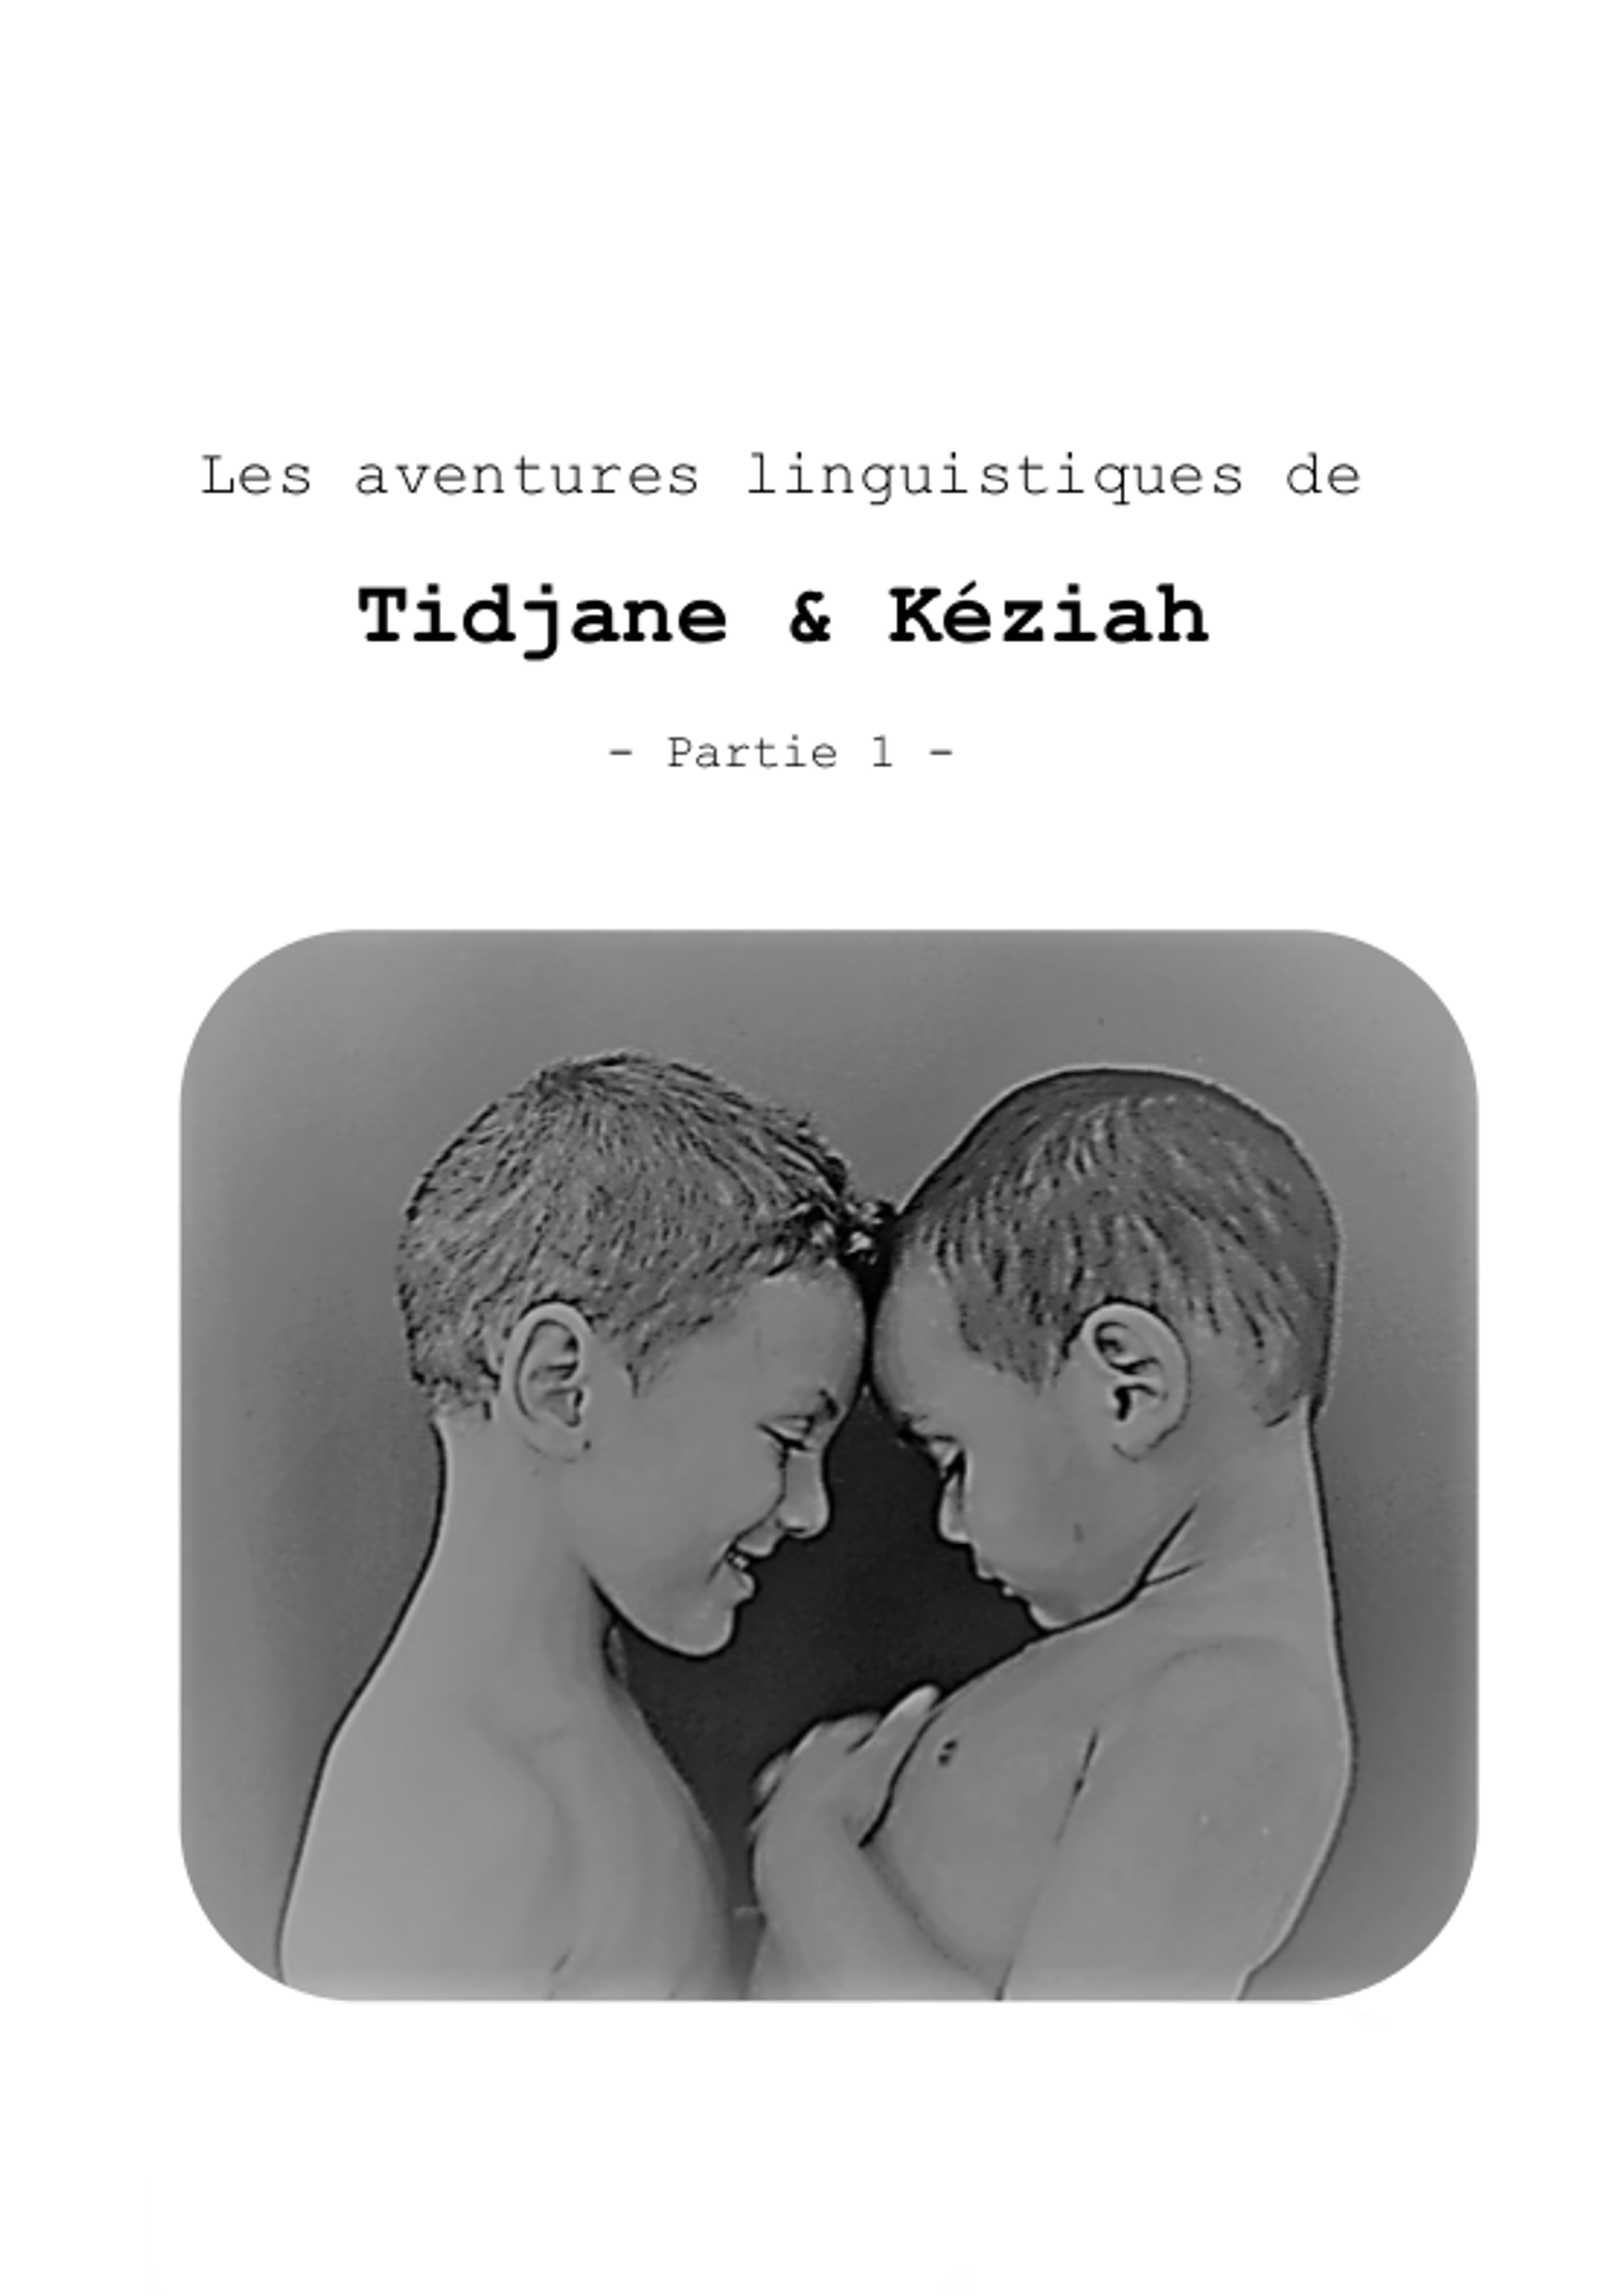 Les aventures linguistiques